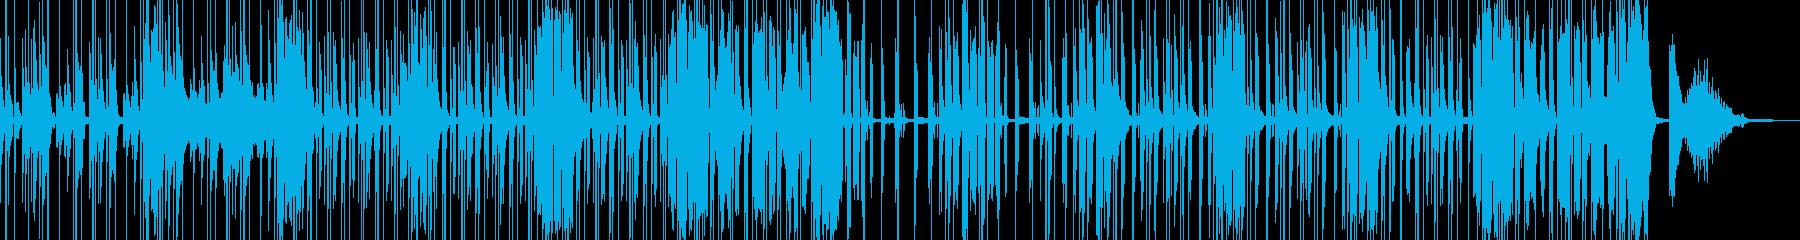 コメディに適した滑稽なBGM ★の再生済みの波形